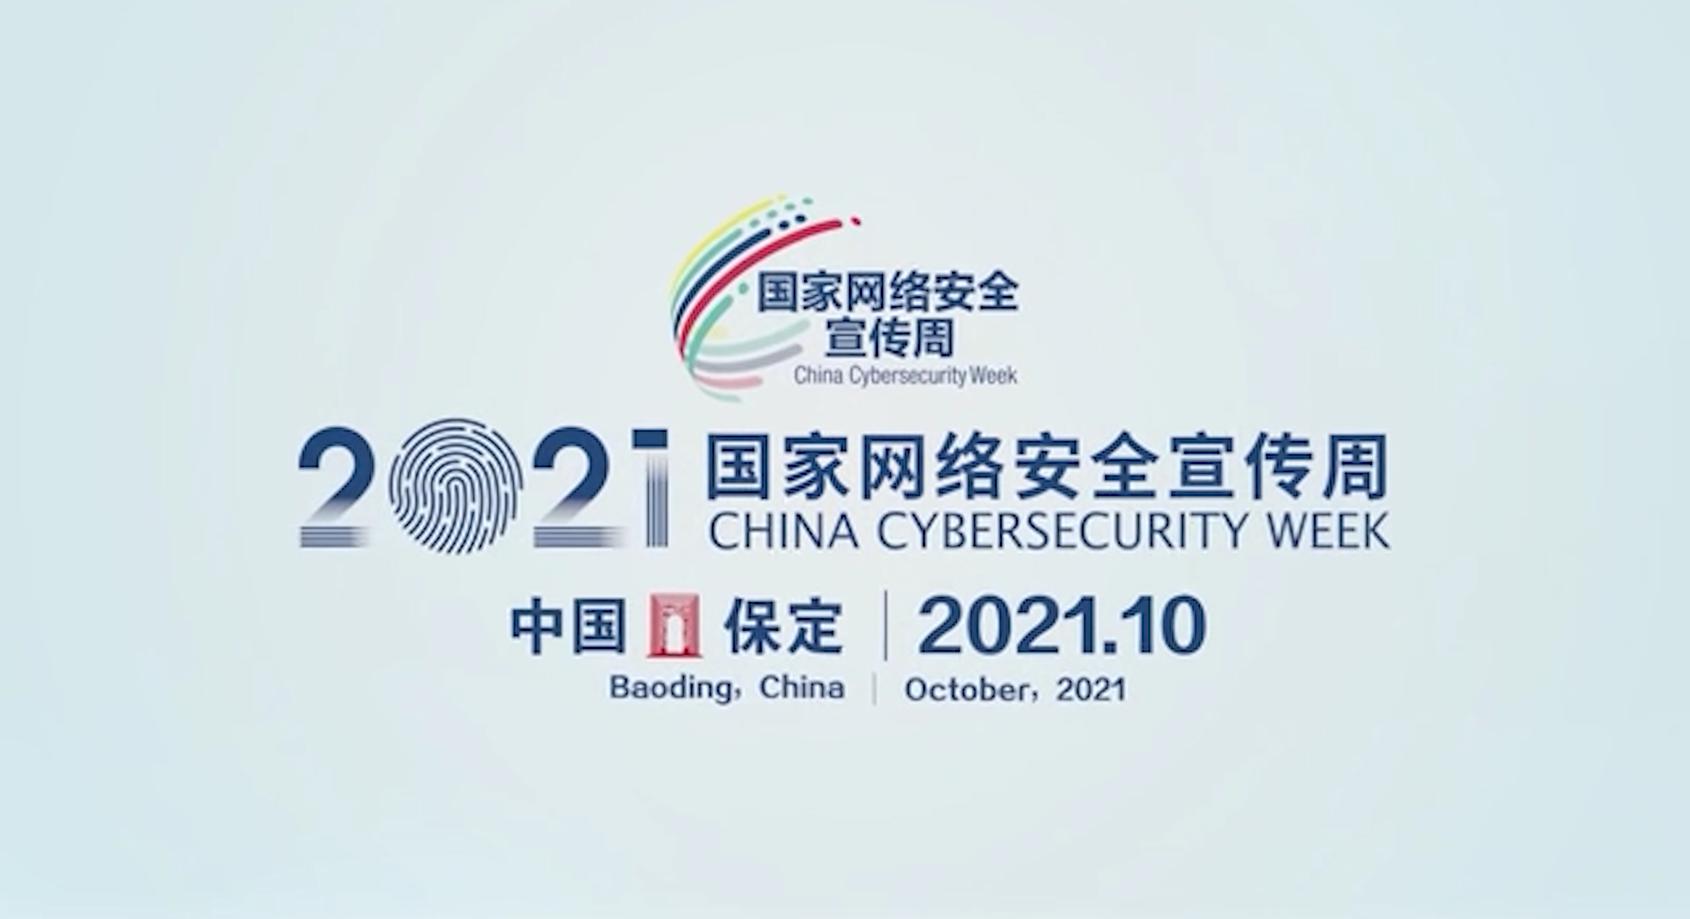 2021年国家网络安全宣传周短视频